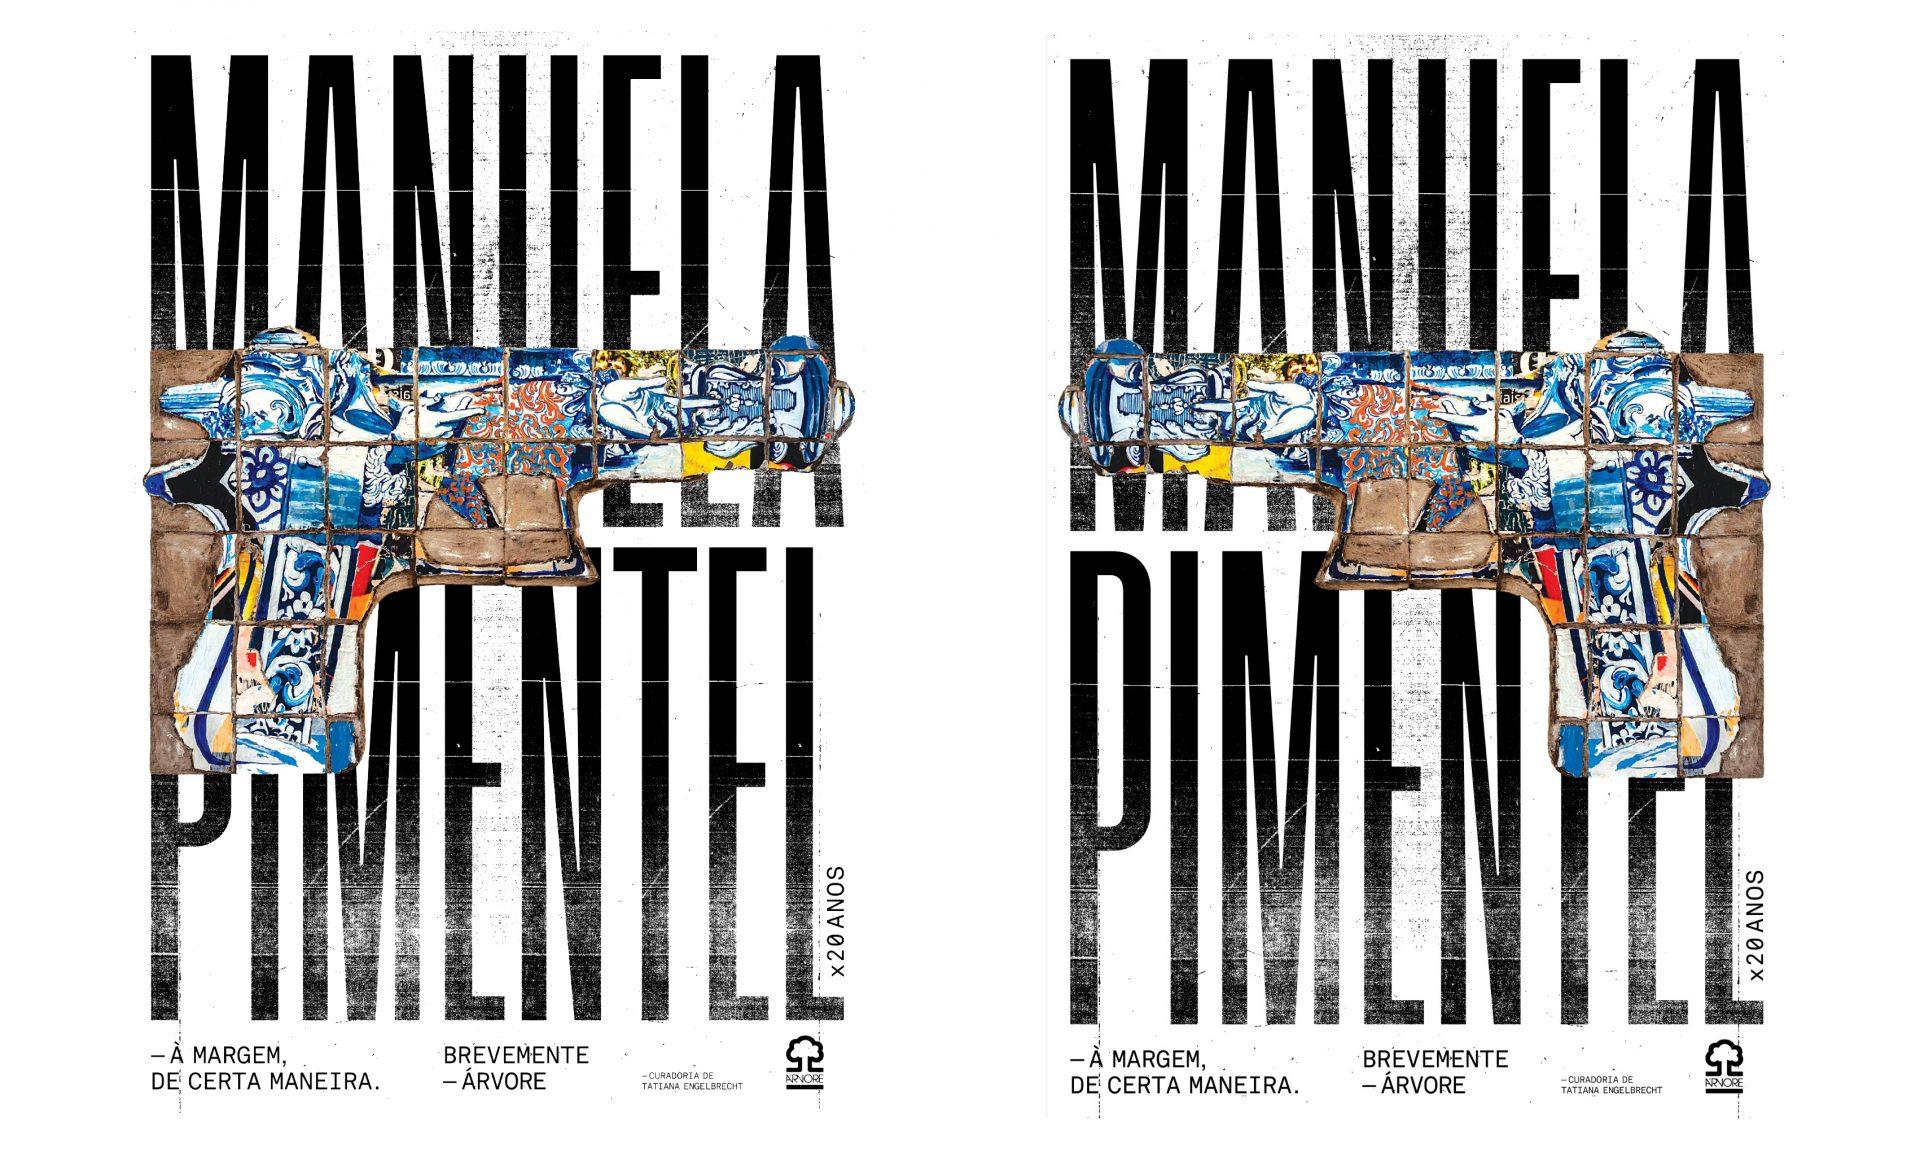 À MARGEM DE CERTA MANEIRA | 2021